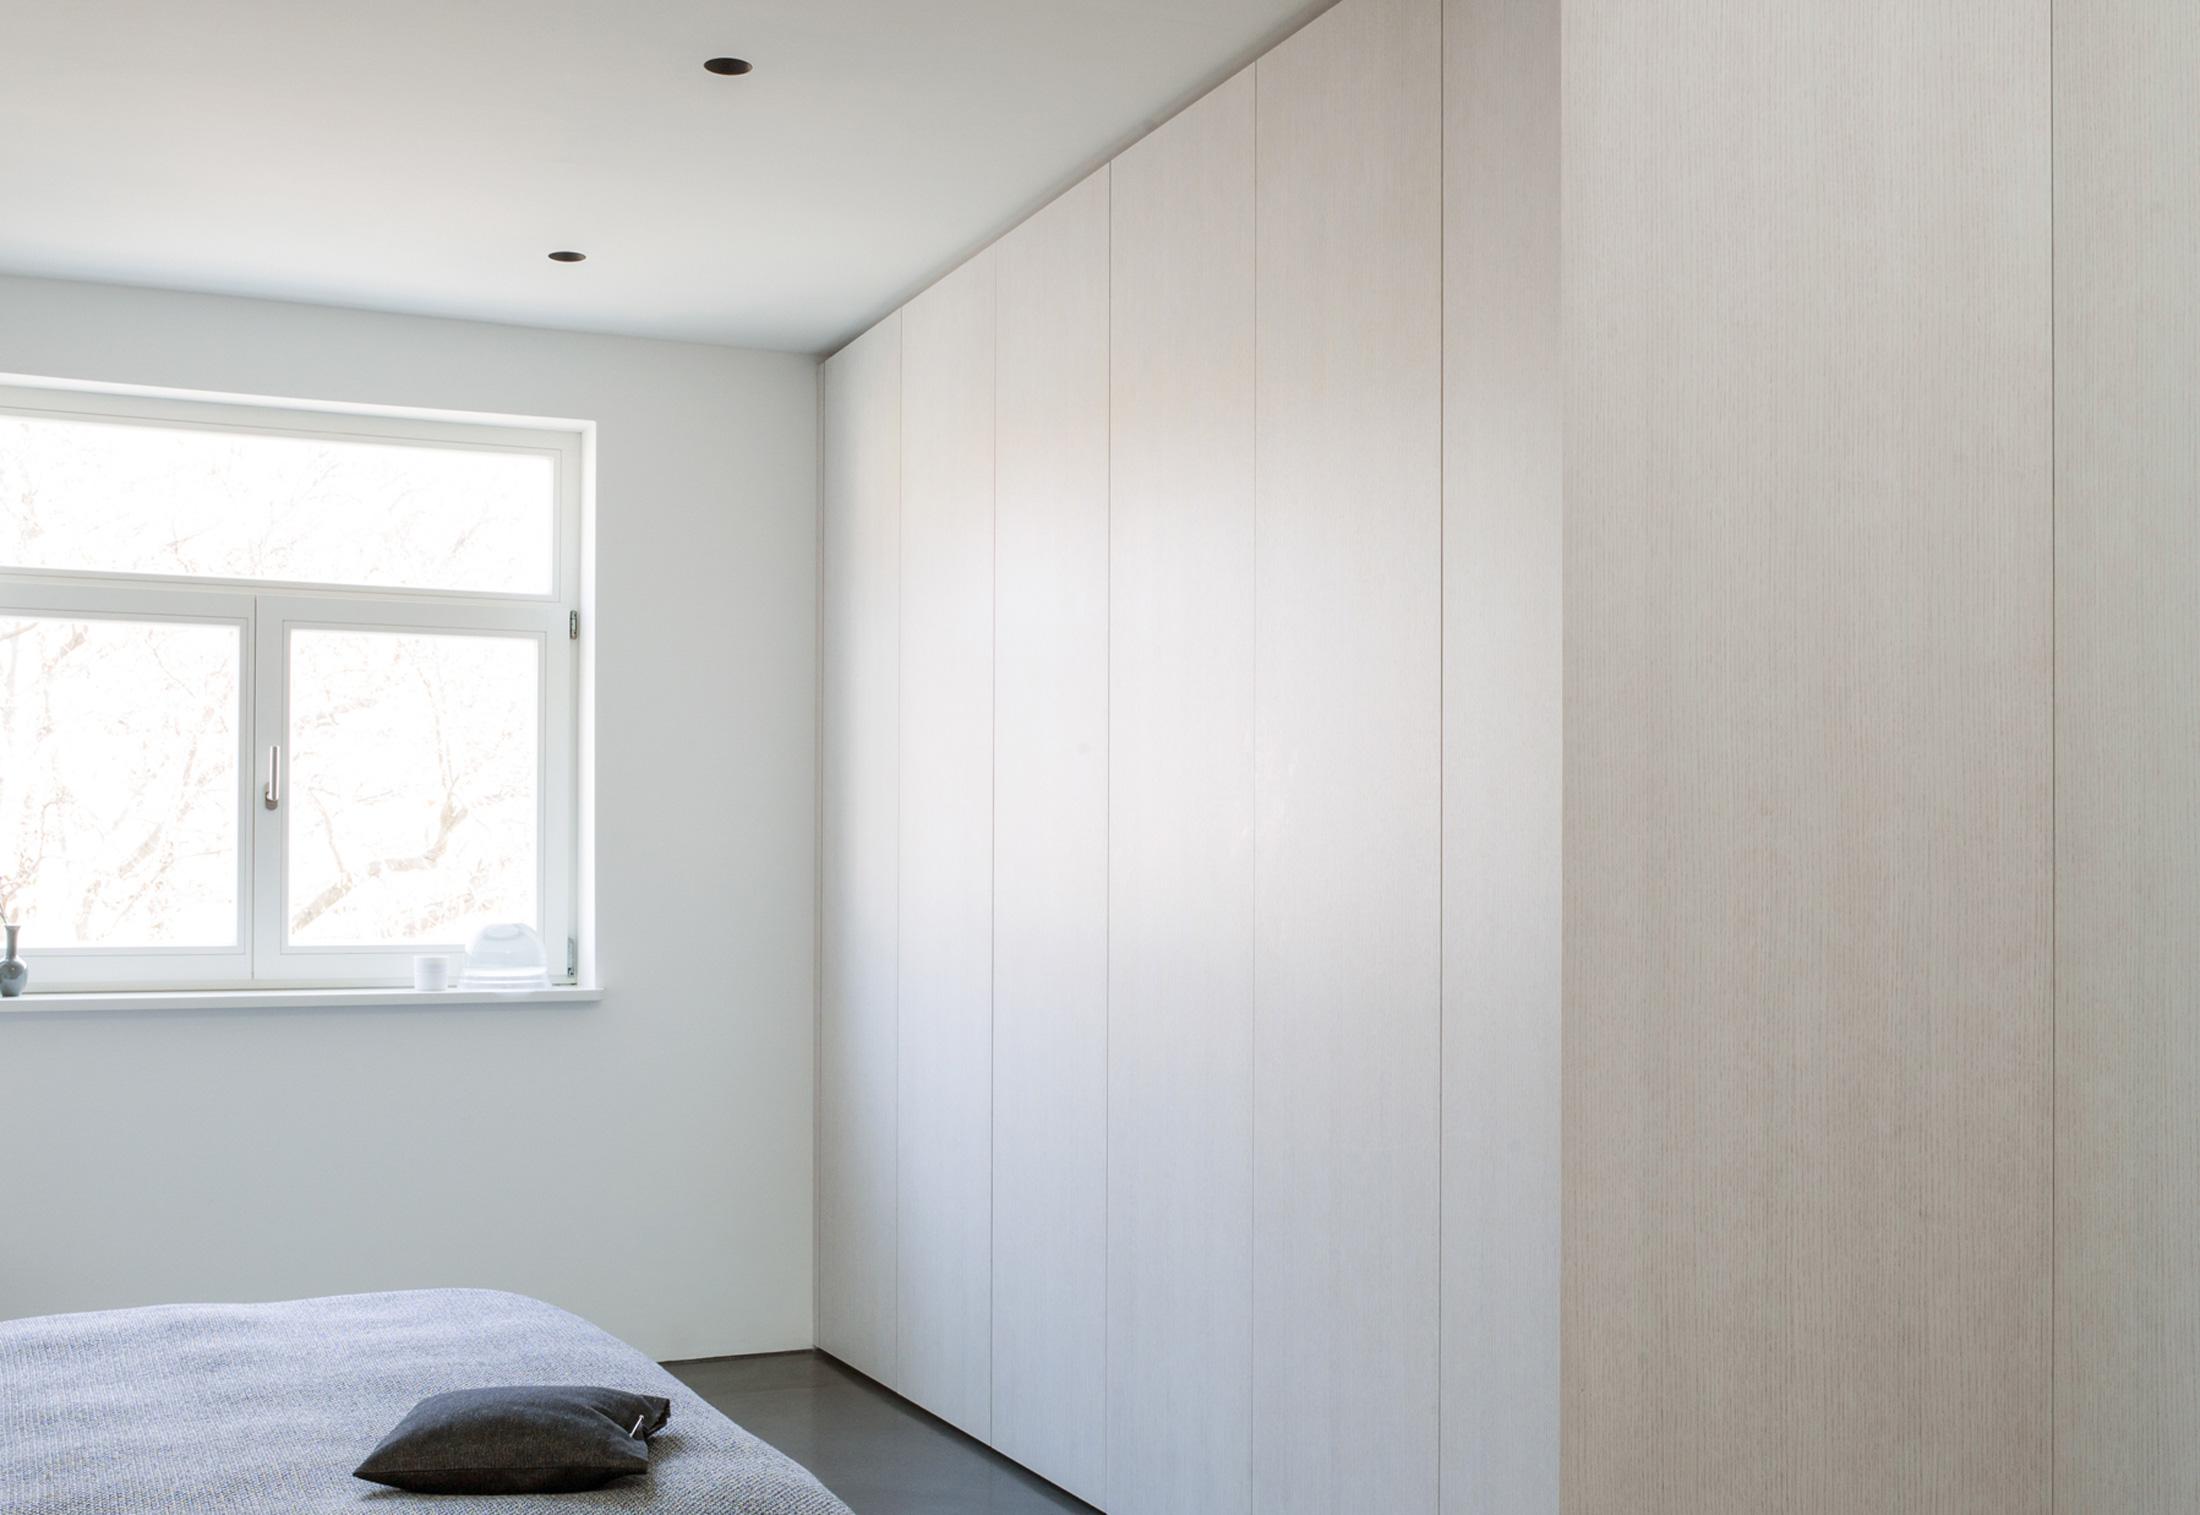 schnbuch garderobe schnbuch garderobe pilastro schonbuch garderobe garderobe schonbuch coat. Black Bedroom Furniture Sets. Home Design Ideas